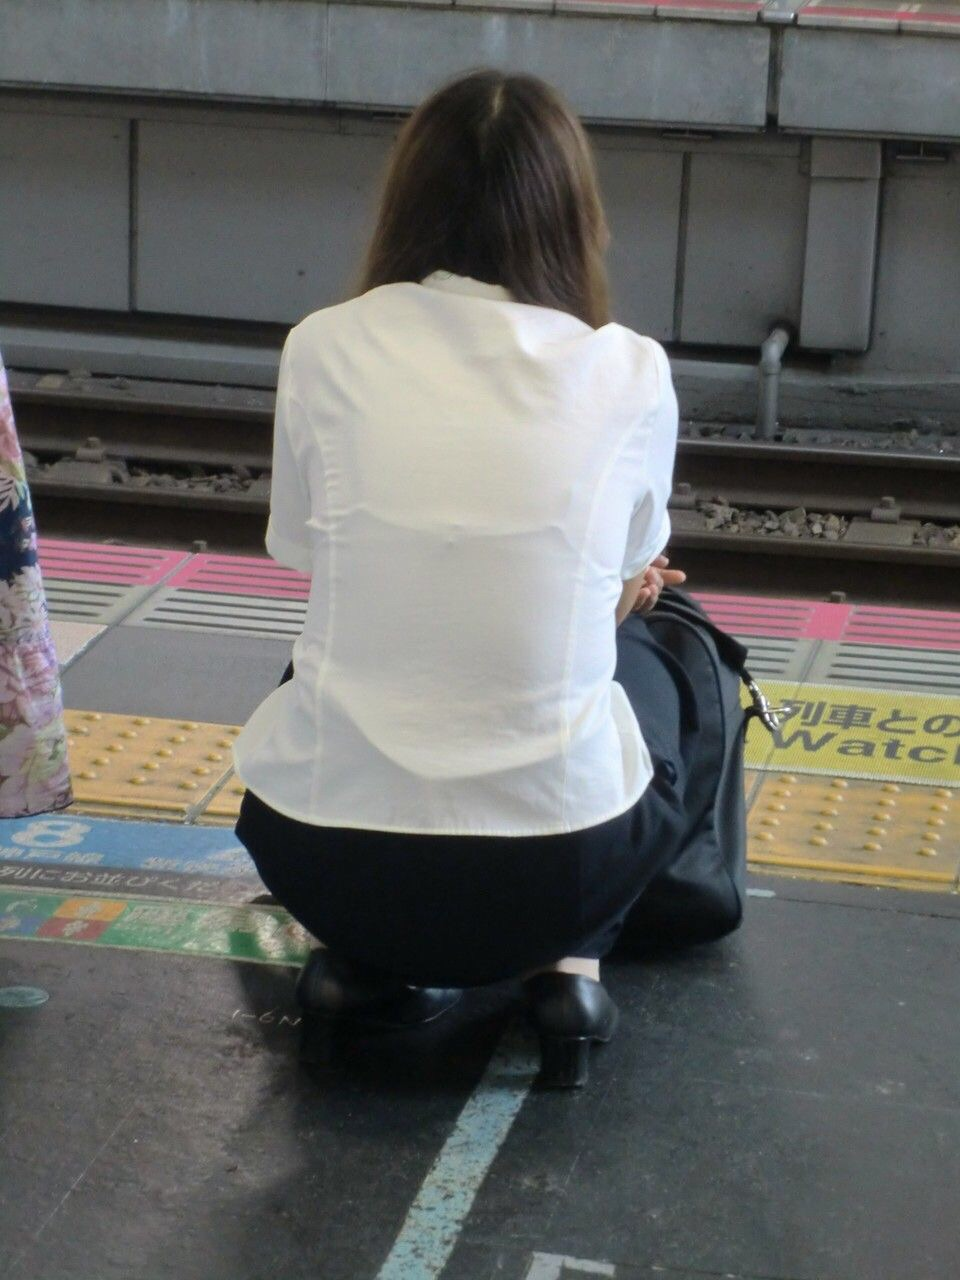 店員 ナース OL 働く女性 透けブラ エロ画像【18】